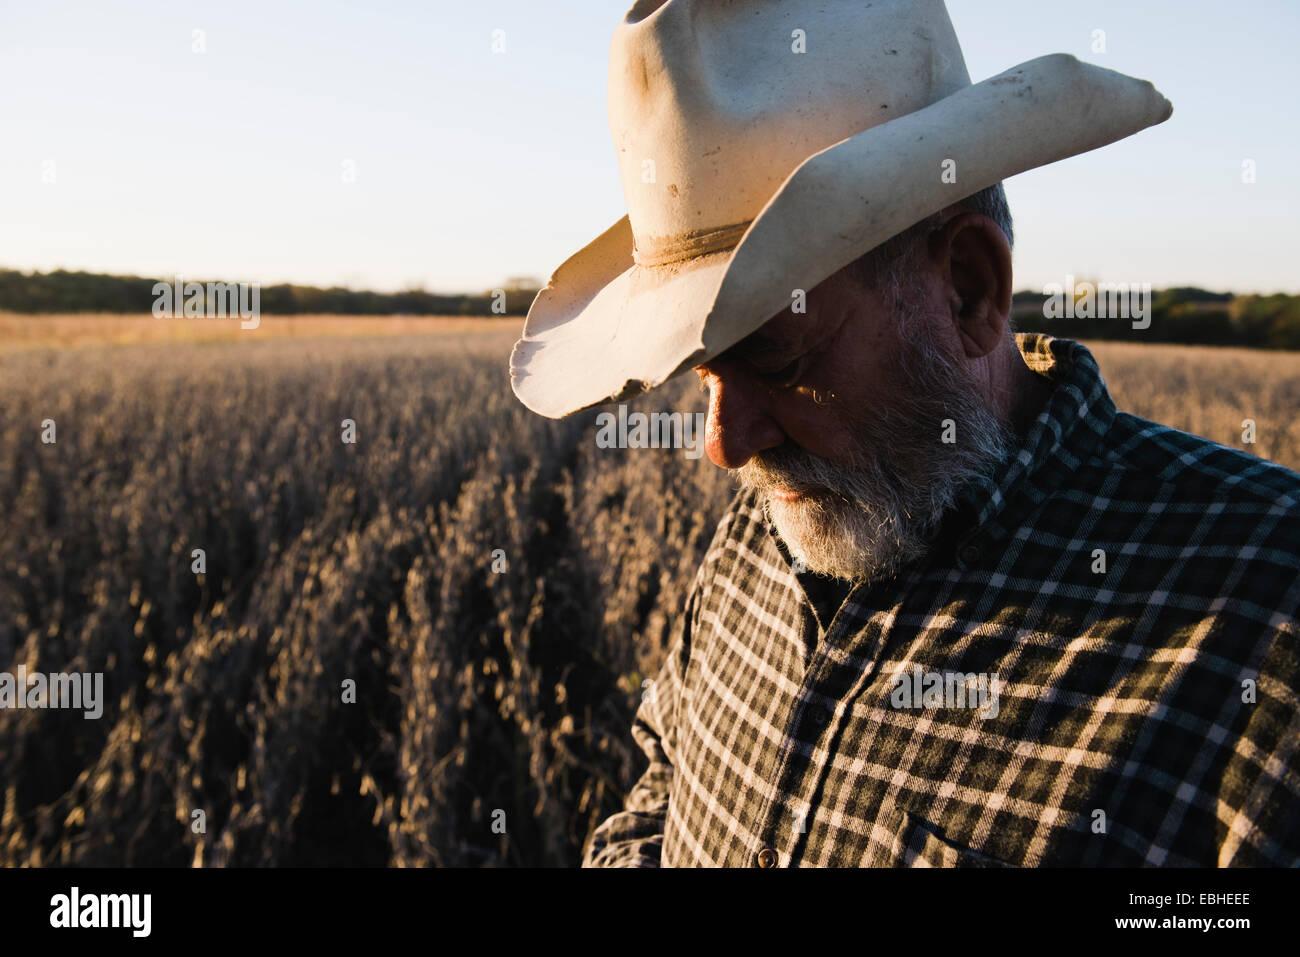 Ältere männliche Bauer blickte auf Soja-Ernte, Plattsburg, Missouri, USA Stockbild